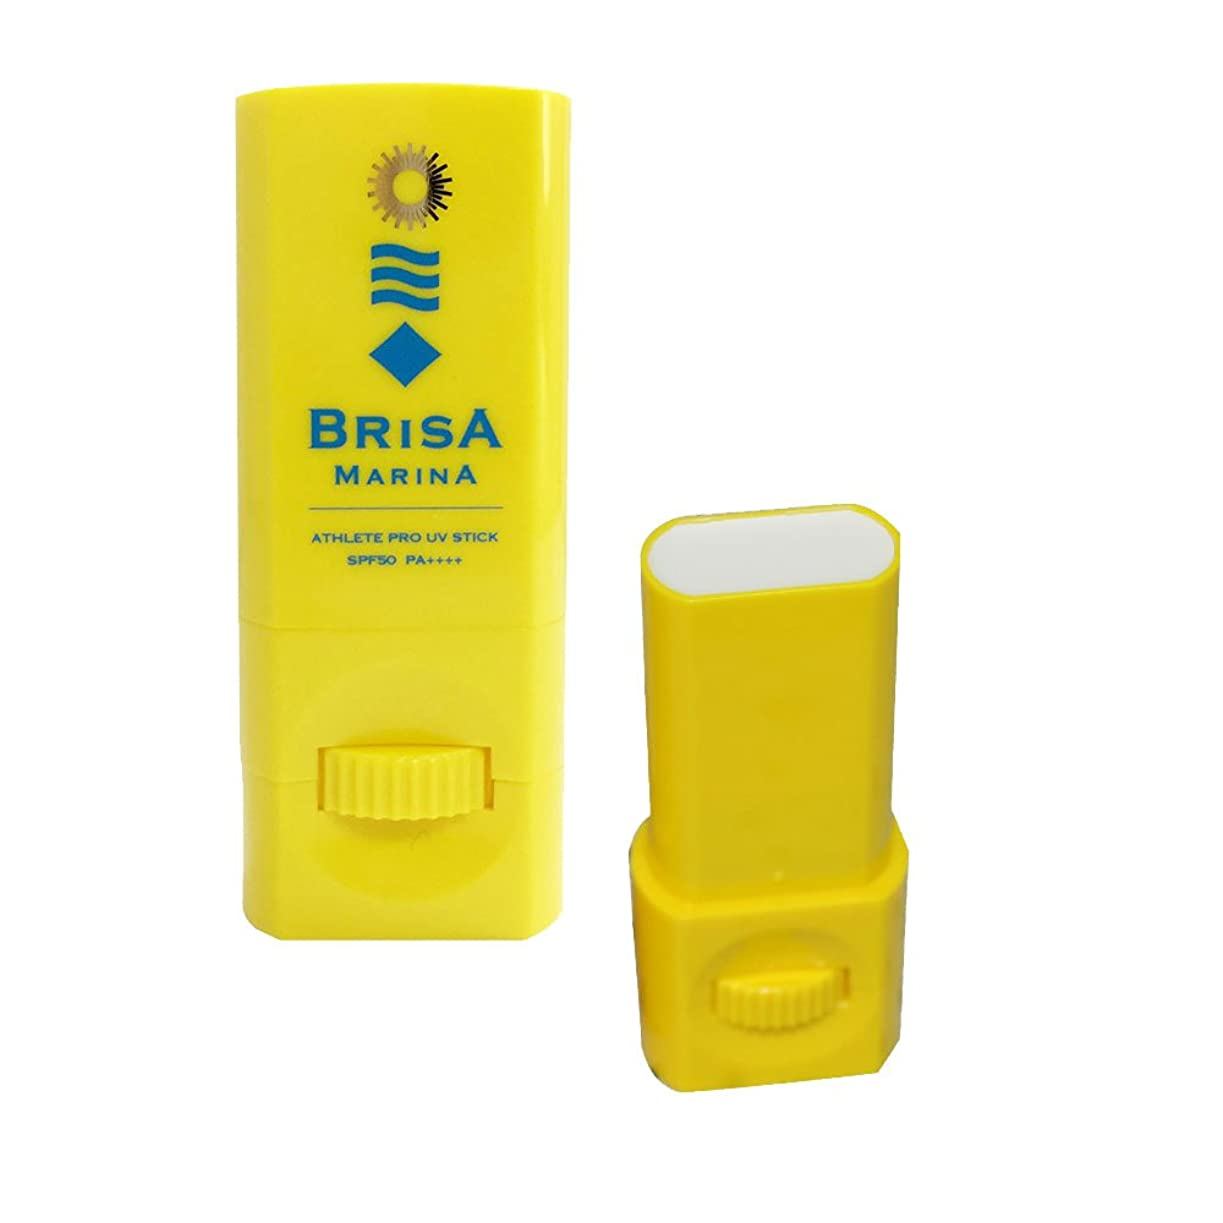 頑固な見る人驚かすBRISA MARINA(ブリサ マリーナ) 日焼け止めUVスティック(ホワイト) 10g [SPF50 PA++++] Z-0CBM0016010 バリエーション不要